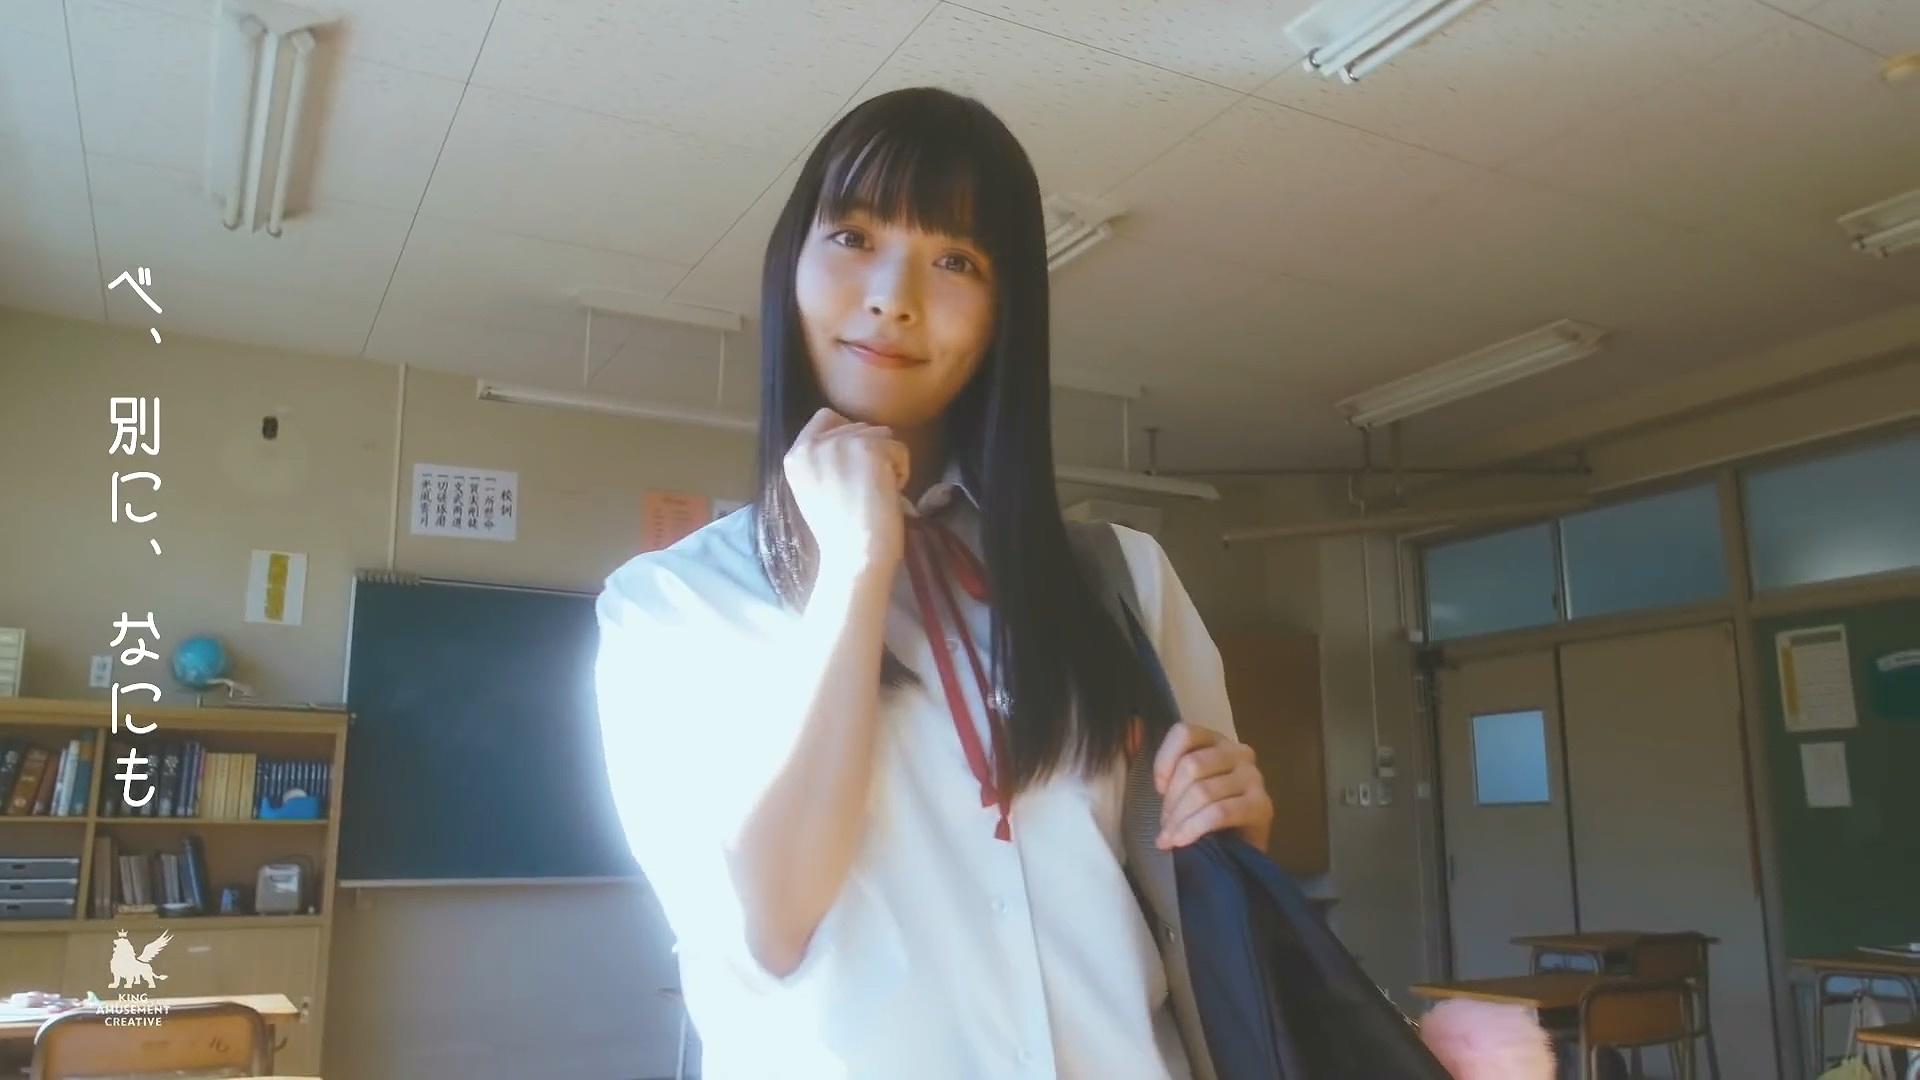 上坂すみれ「EASY LOVE」Music Video.mp4_000008.748